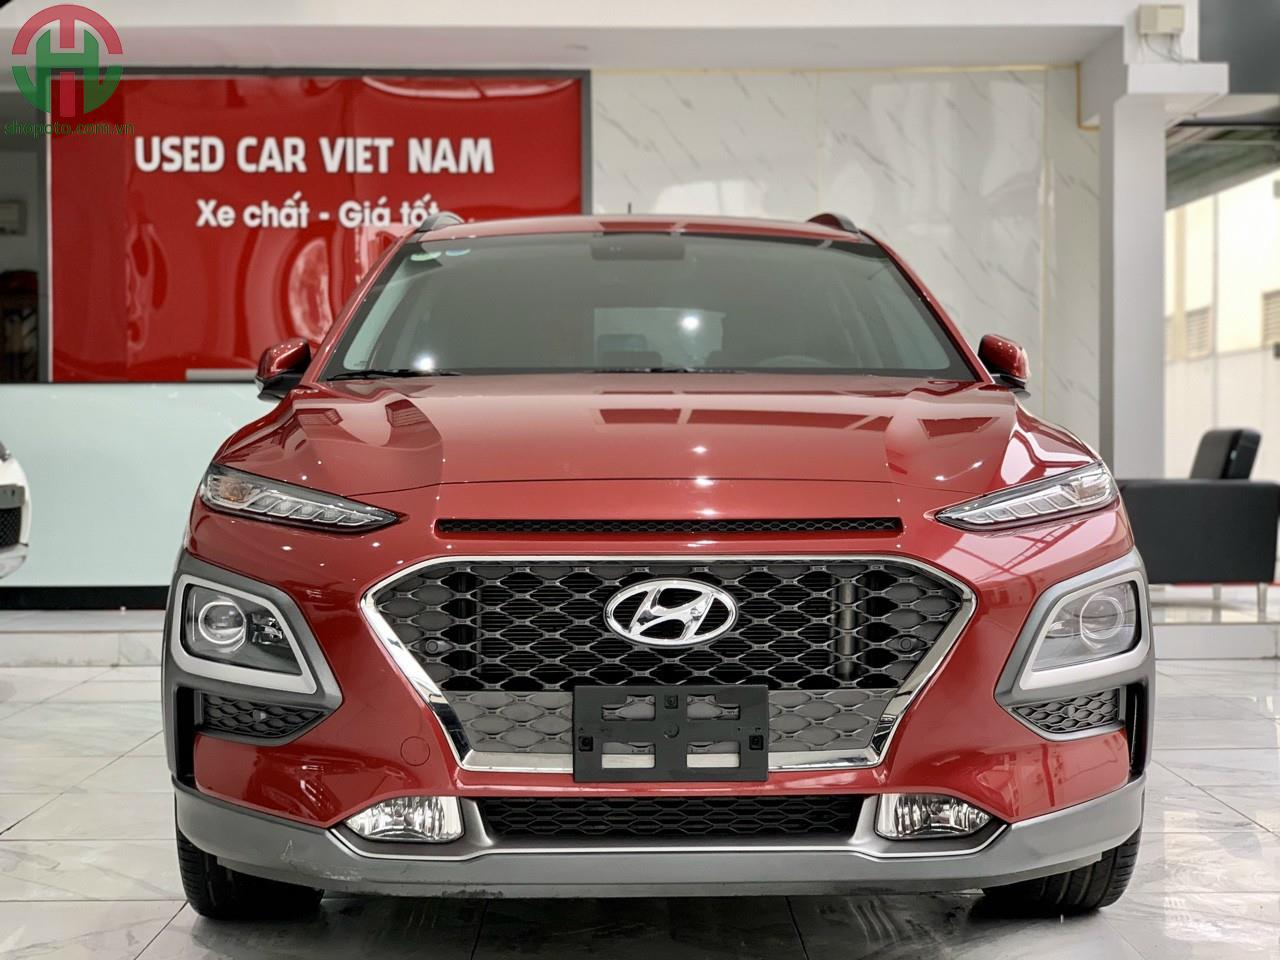 Hyundai Kona 1.6 Turbo 2019 màu Đỏ